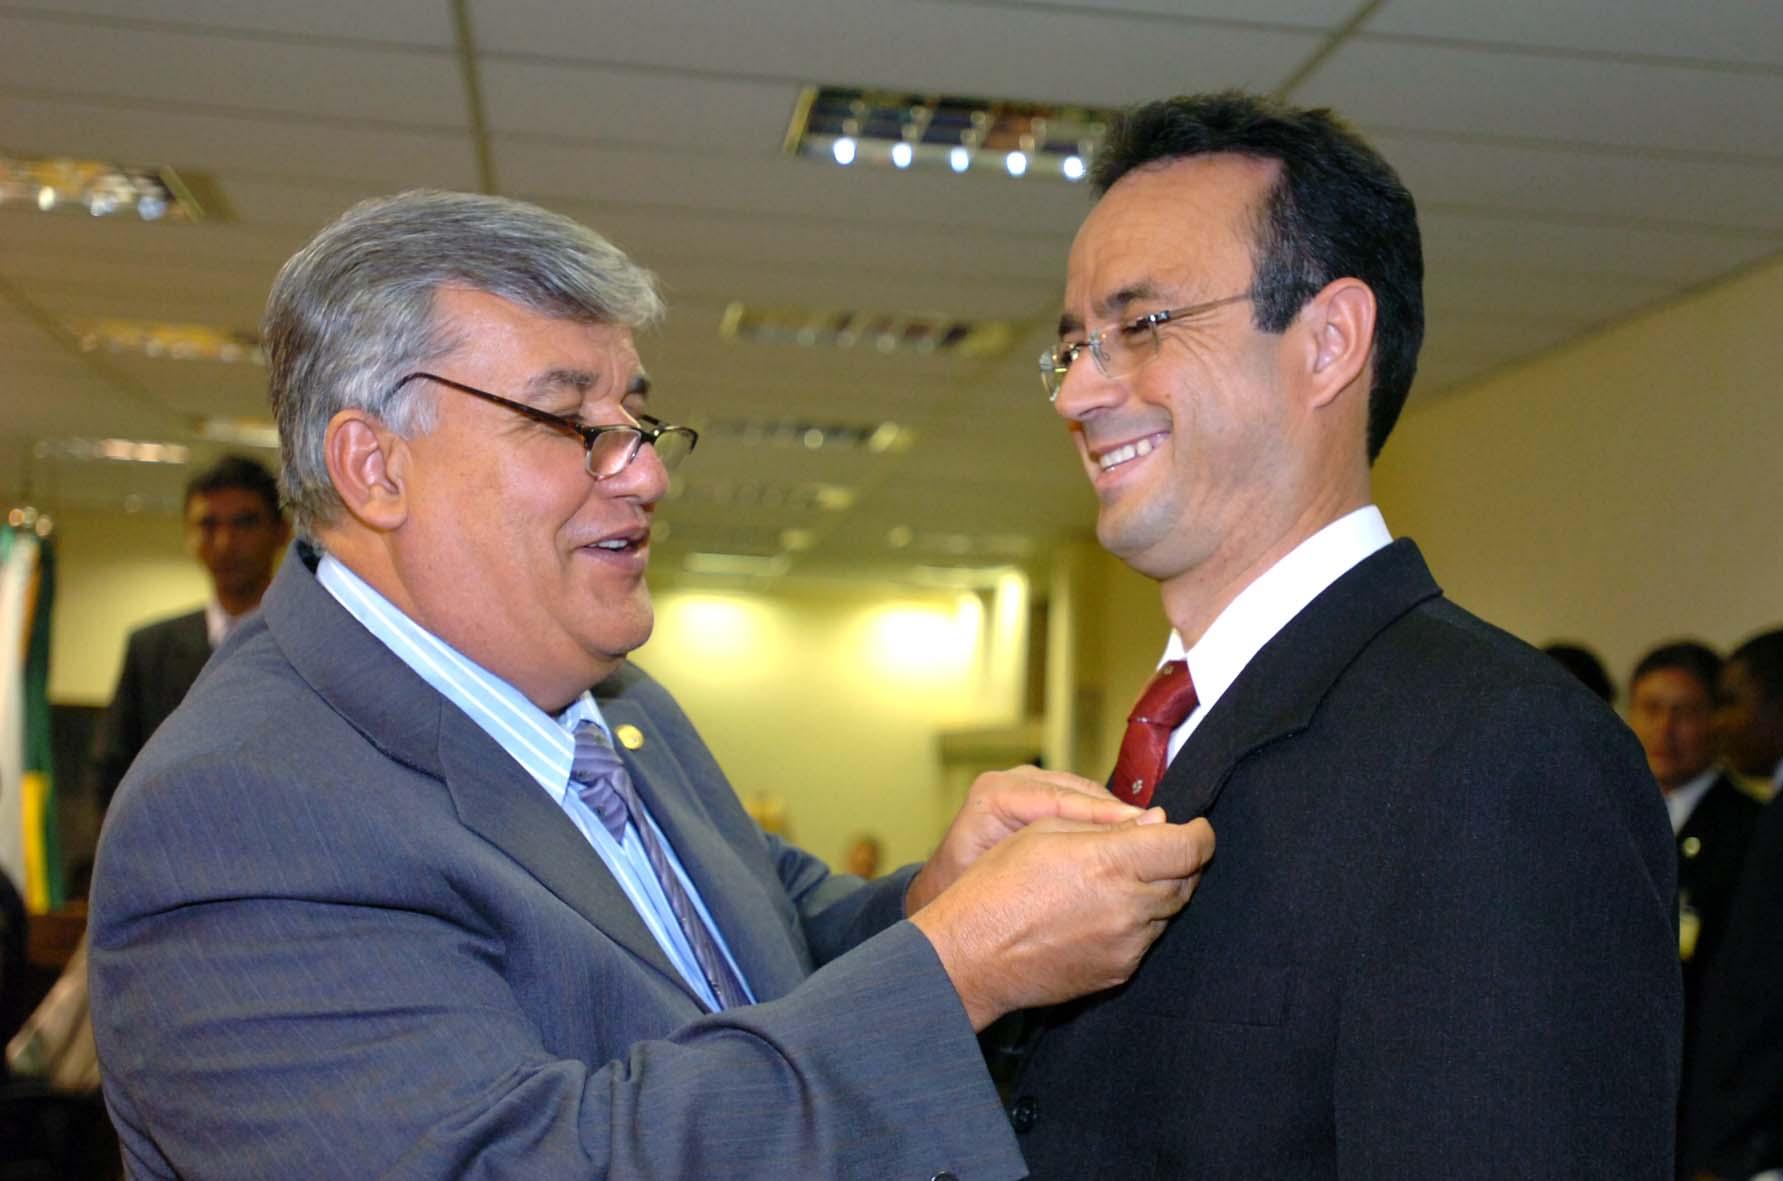 b4844d0923e Bispo Renato Andrade toma posse na Câmara - Mais lidas - CLDF